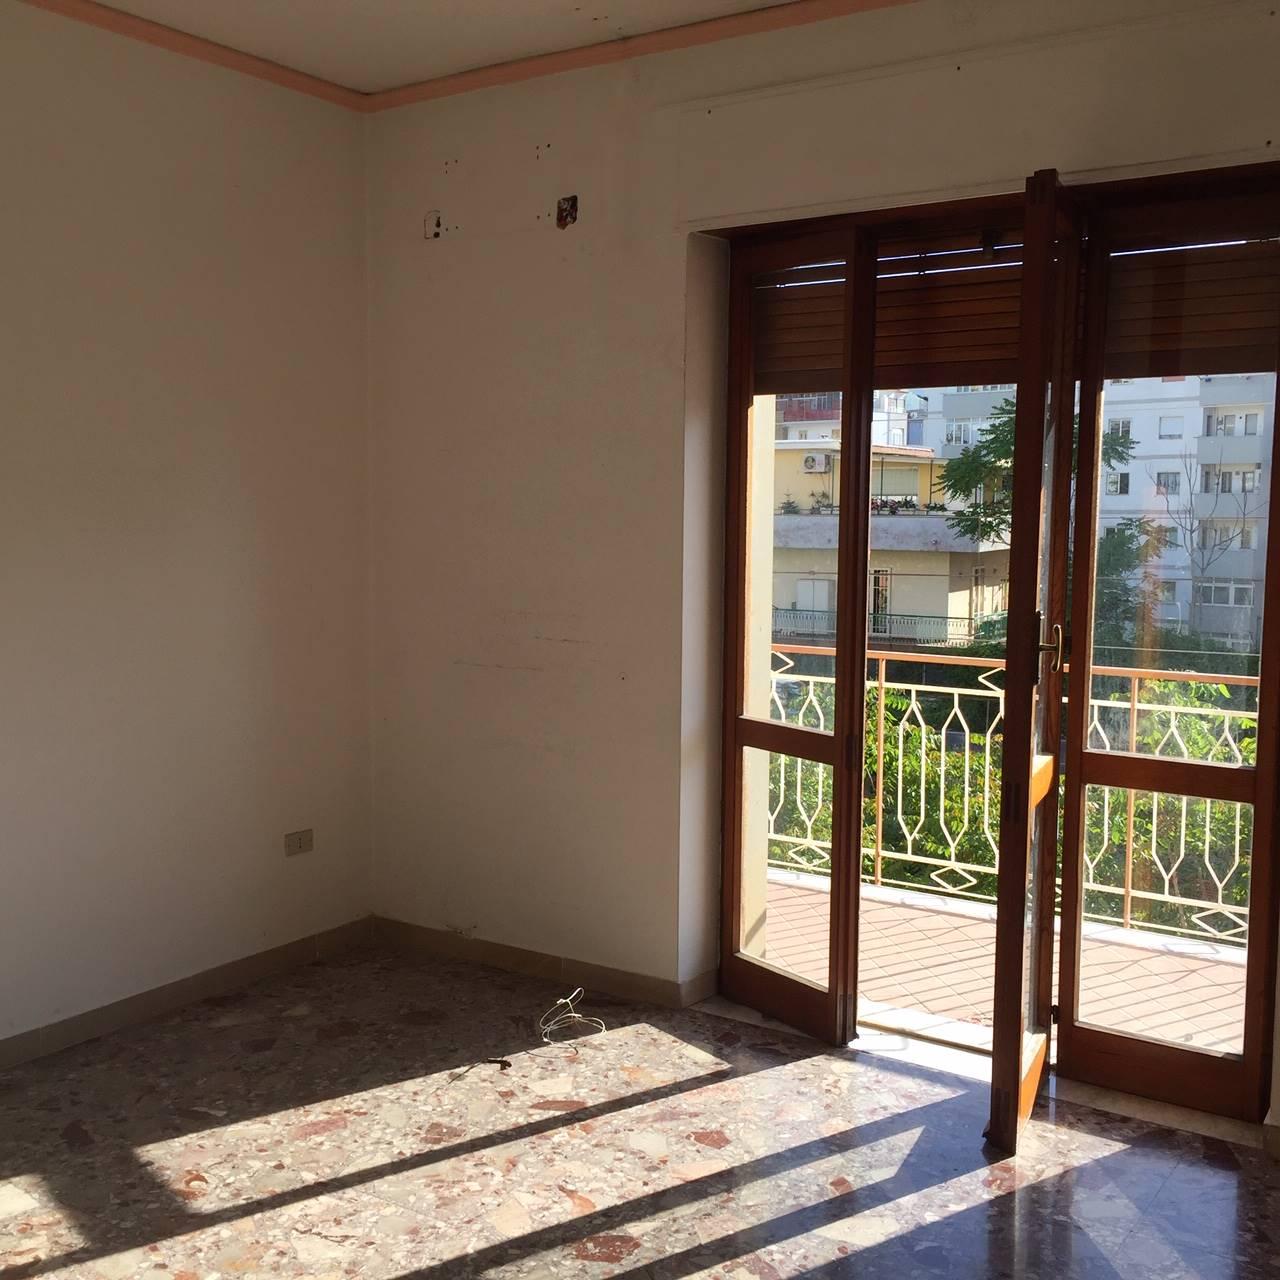 CASTELLAMMARE DI STABIA, Appartement des vendre de 100 Mq, Habitable, Chauffage Inexistant, Classe Énergétique: G, par terre 3°, composé par: 4